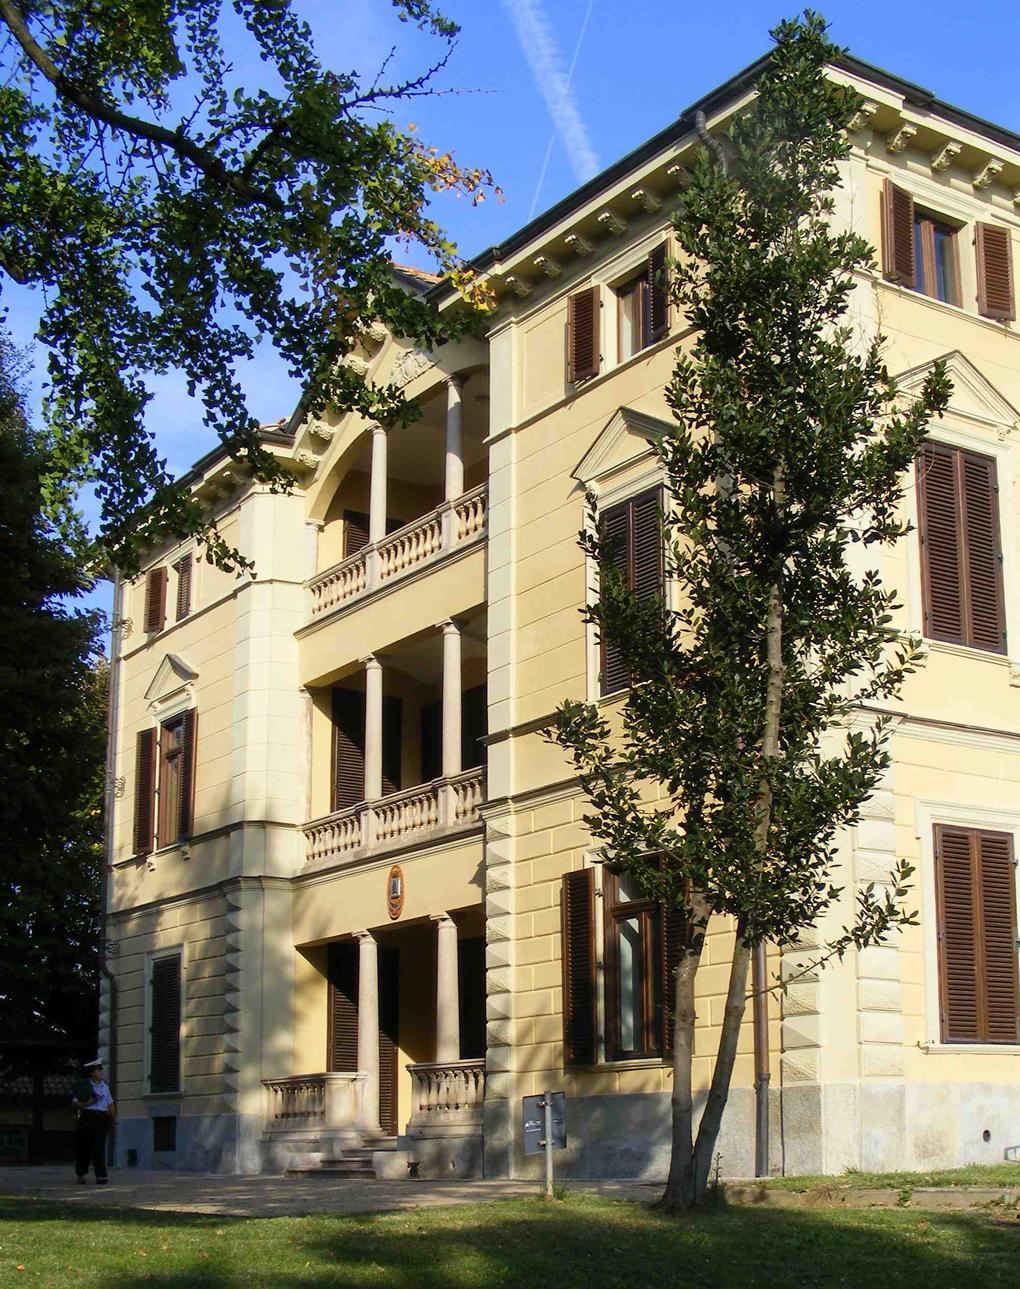 PECETTO – Dal Comune duemila euro per la kermesse musicale